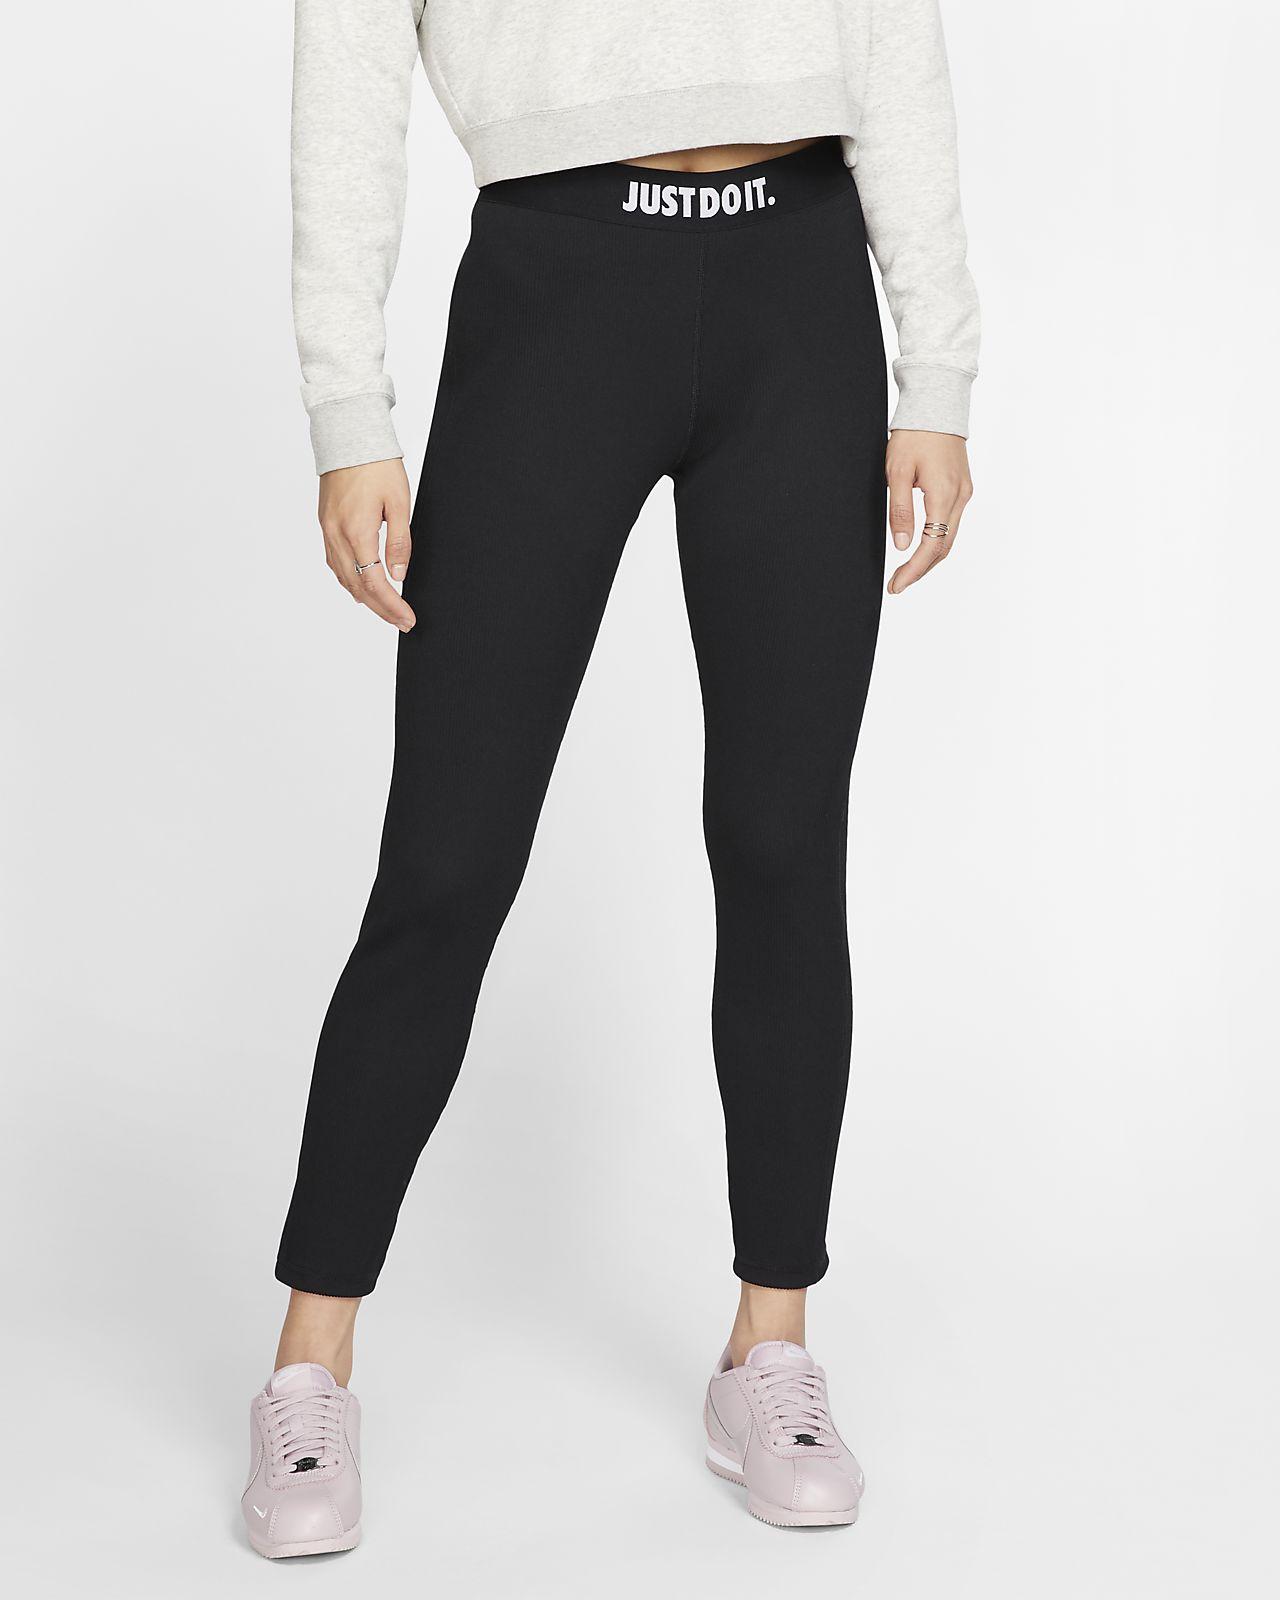 Dámské žebrované legíny Nike Sportswear JDI